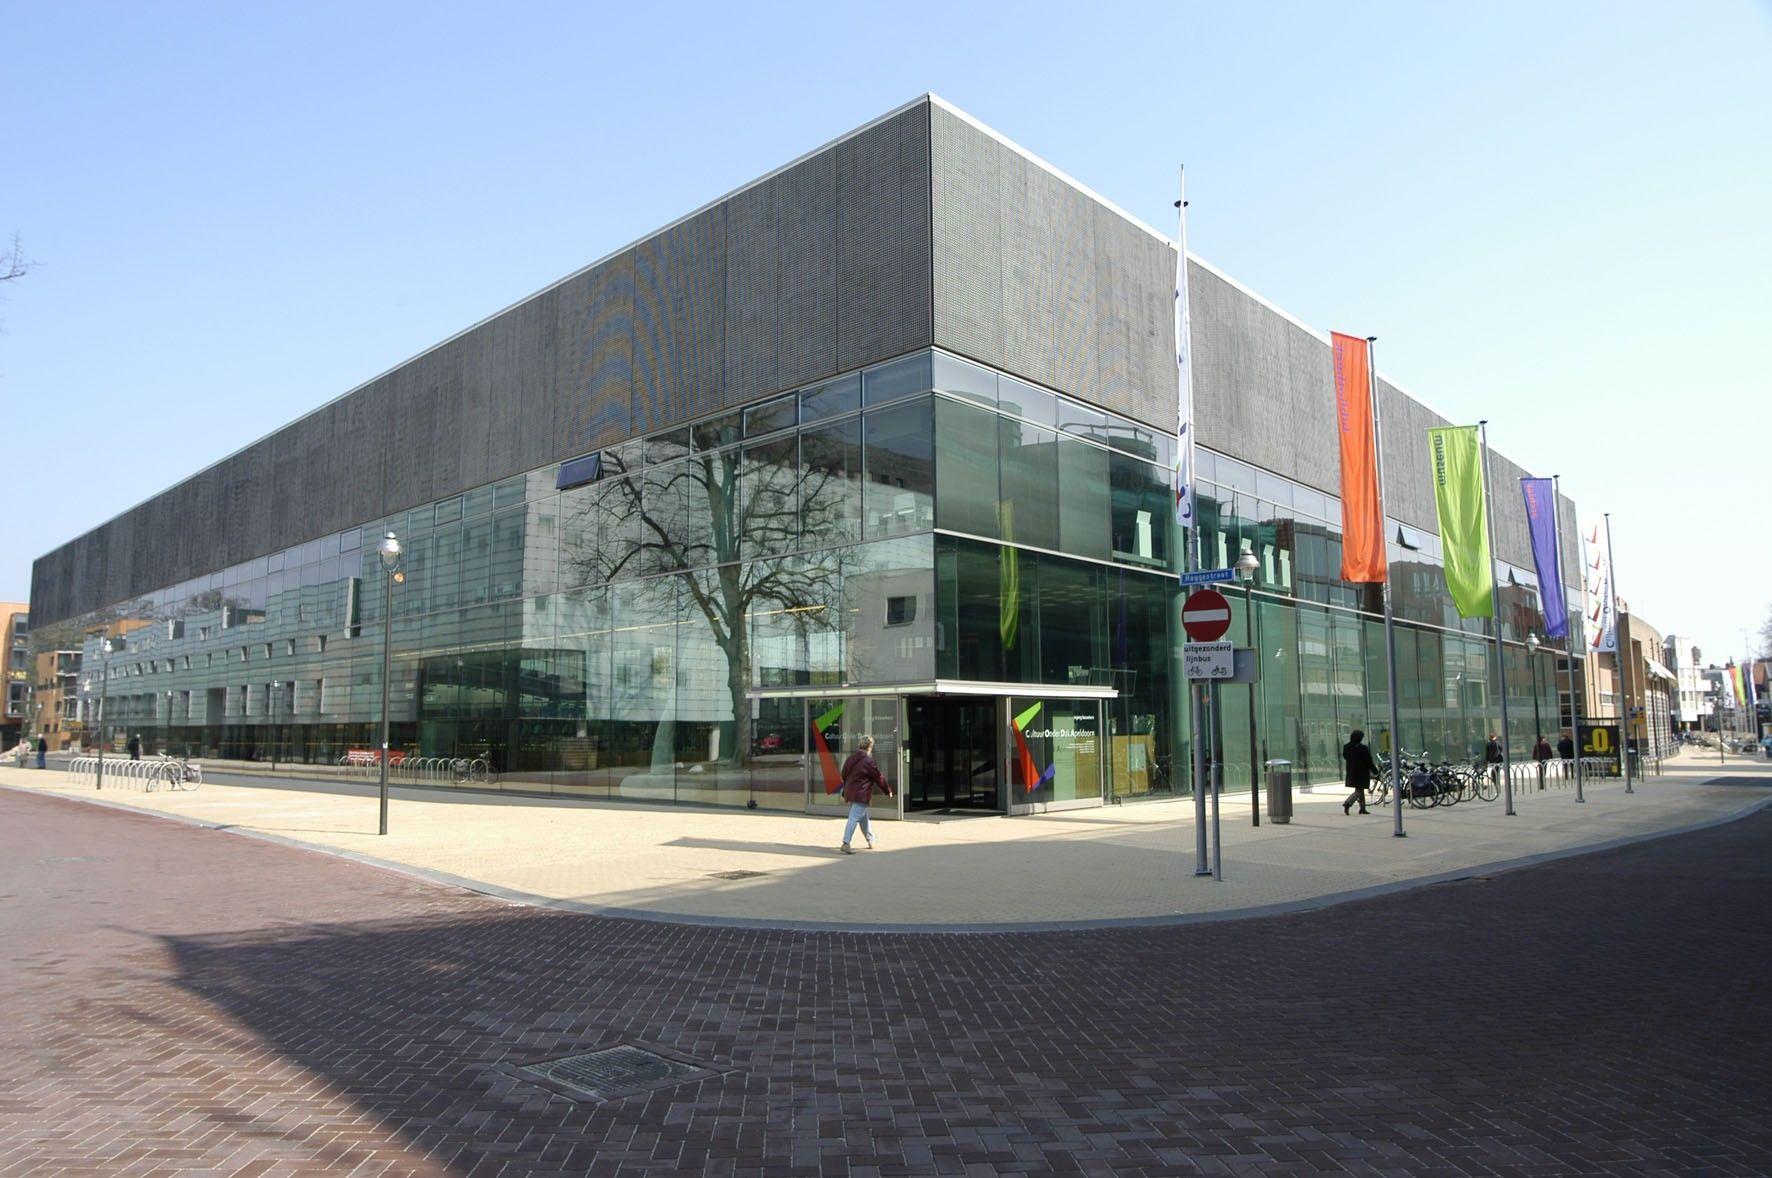 Eja Siepman van den Berg - Kunstadvies Hanneke Janssen